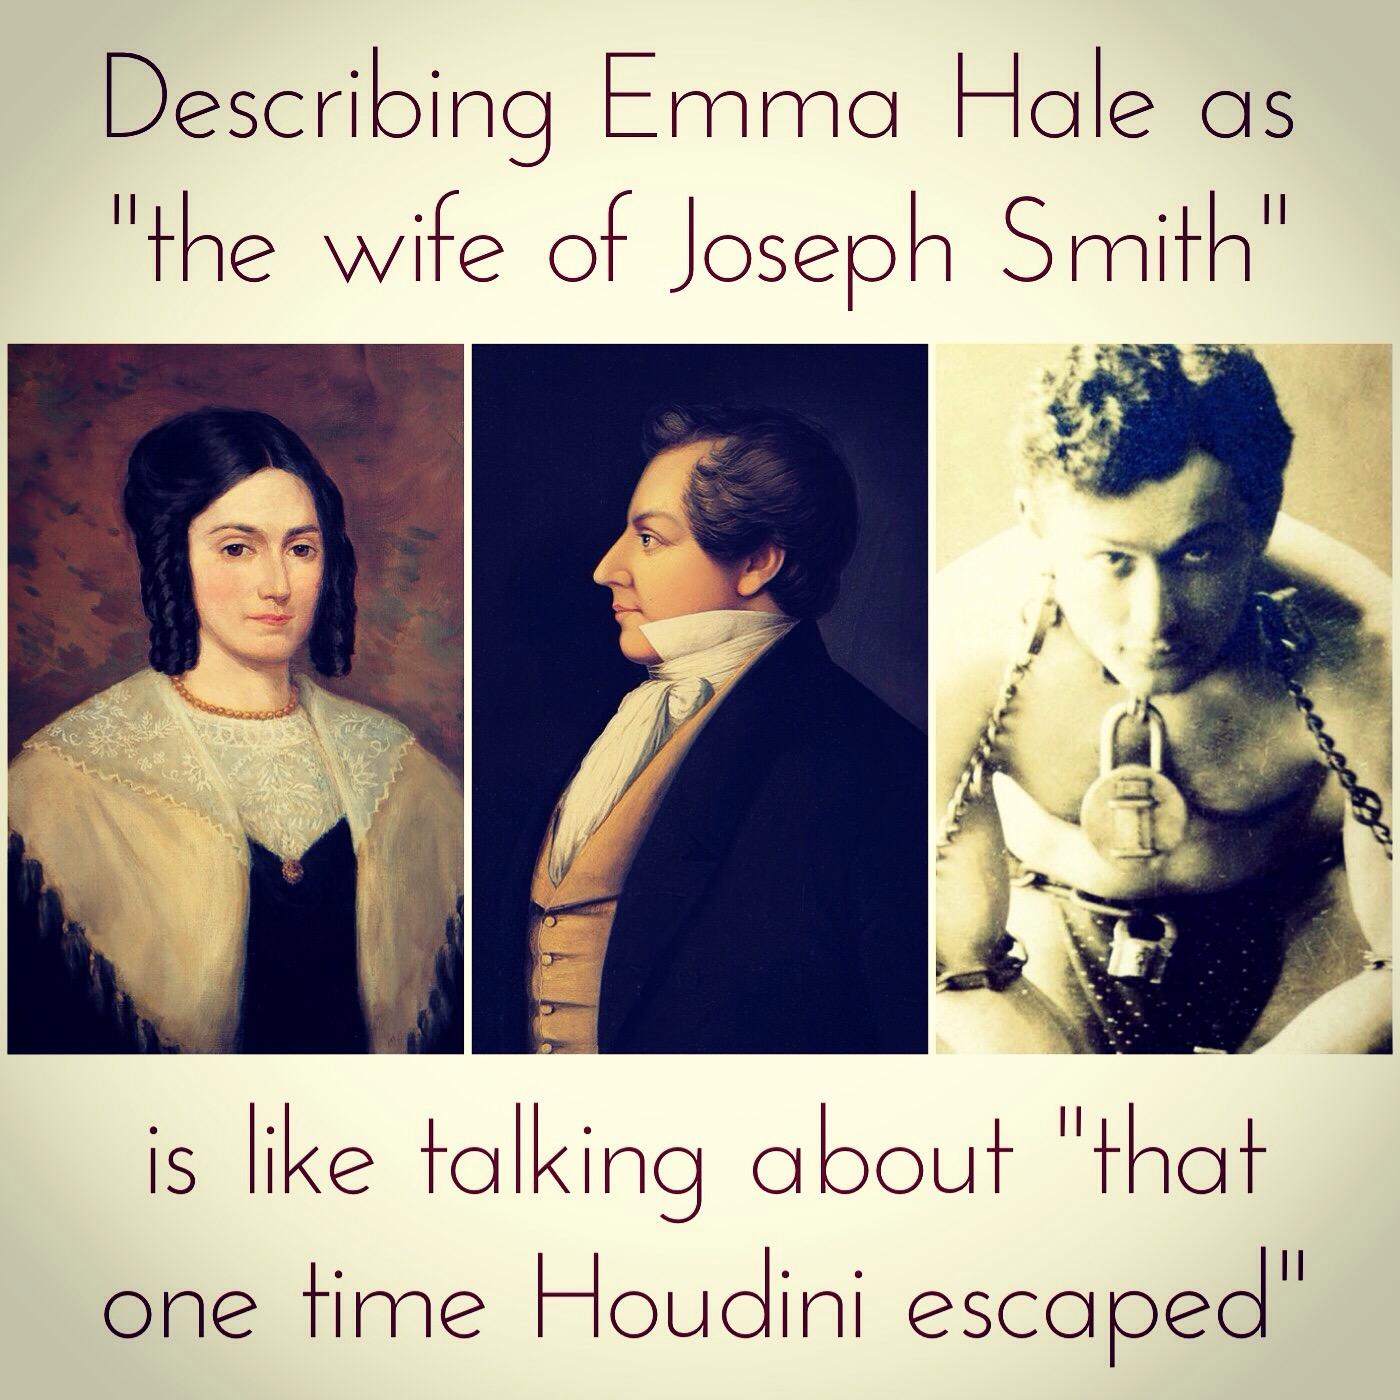 Joseph's wife